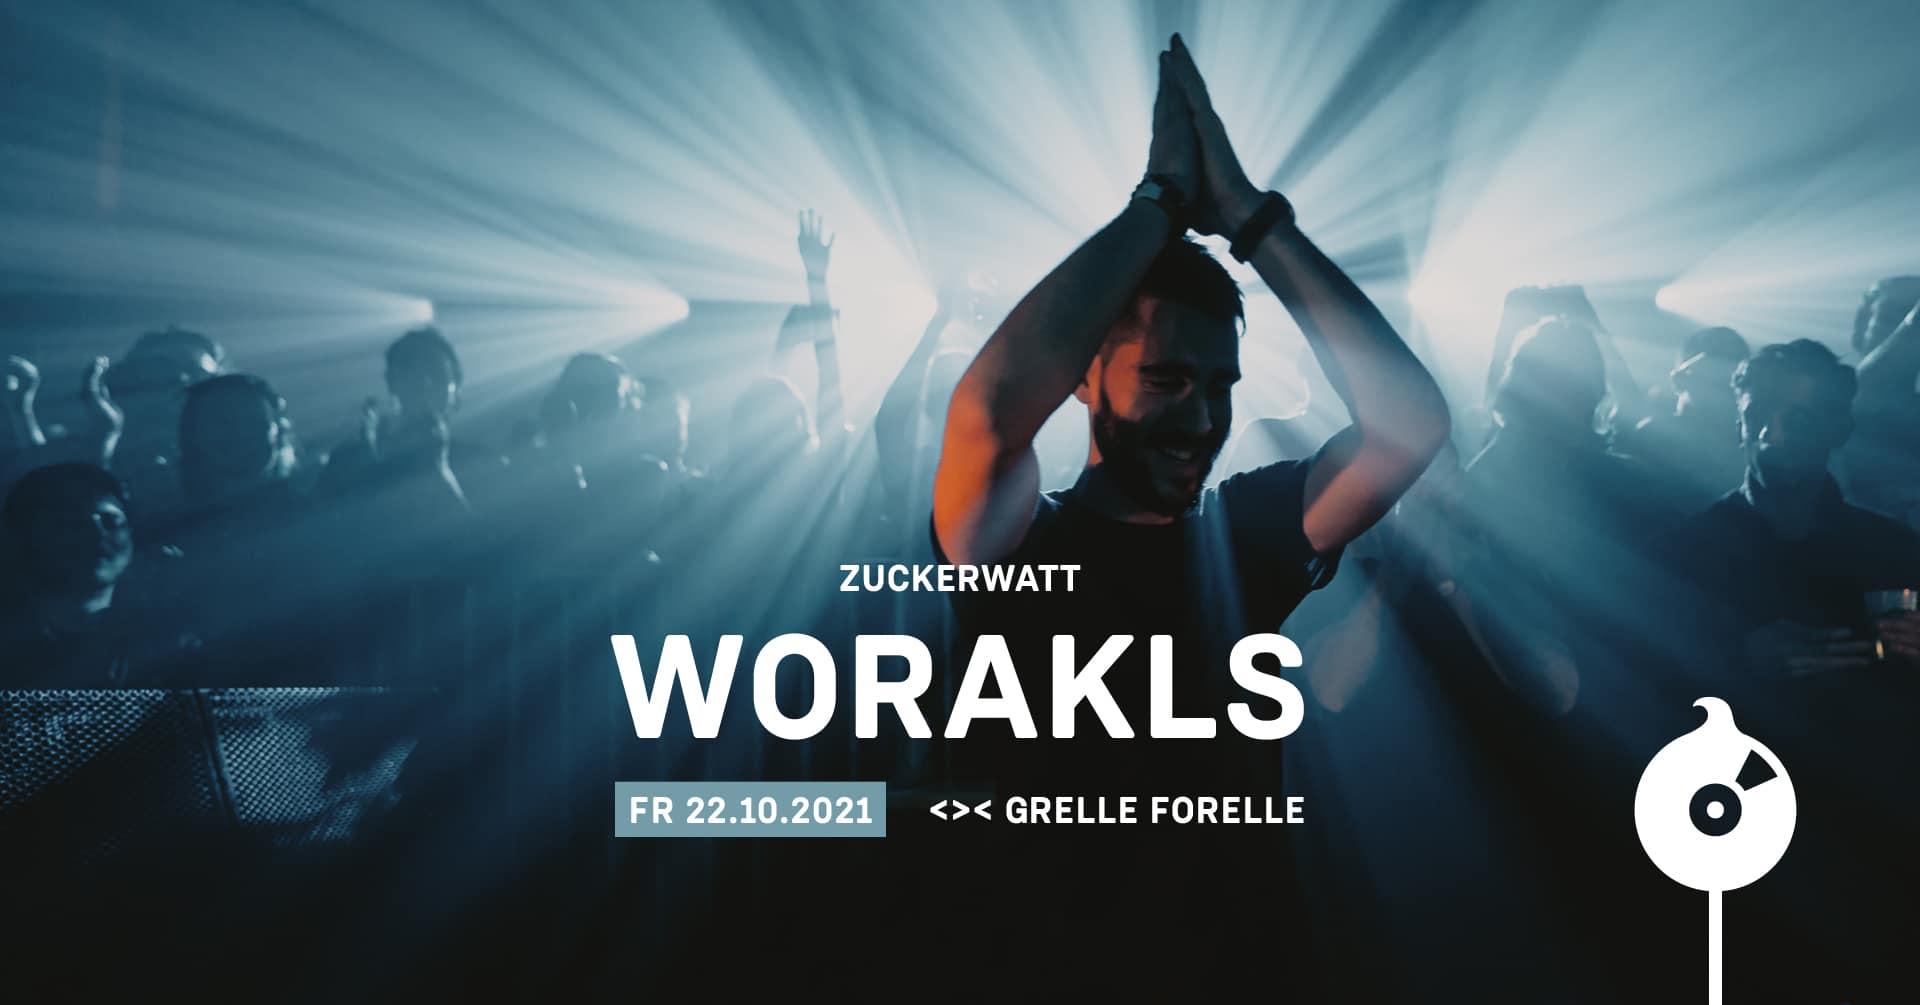 Events Wien: ZUCKERWATT w/ WORAKLS | Grelle Forelle